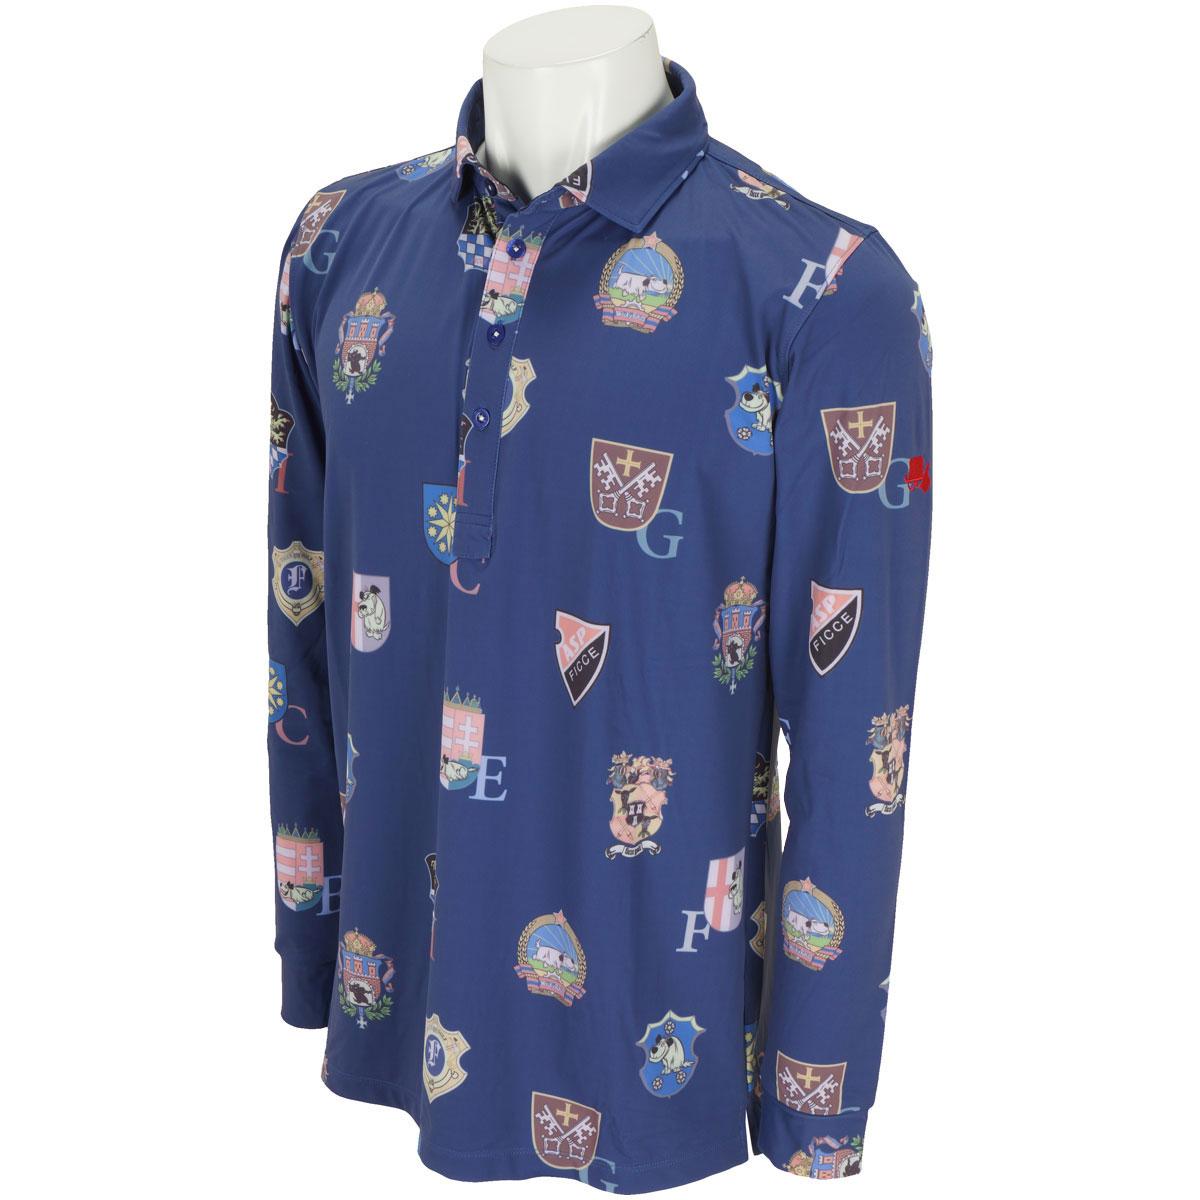 ワッペン柄長袖ポロシャツ